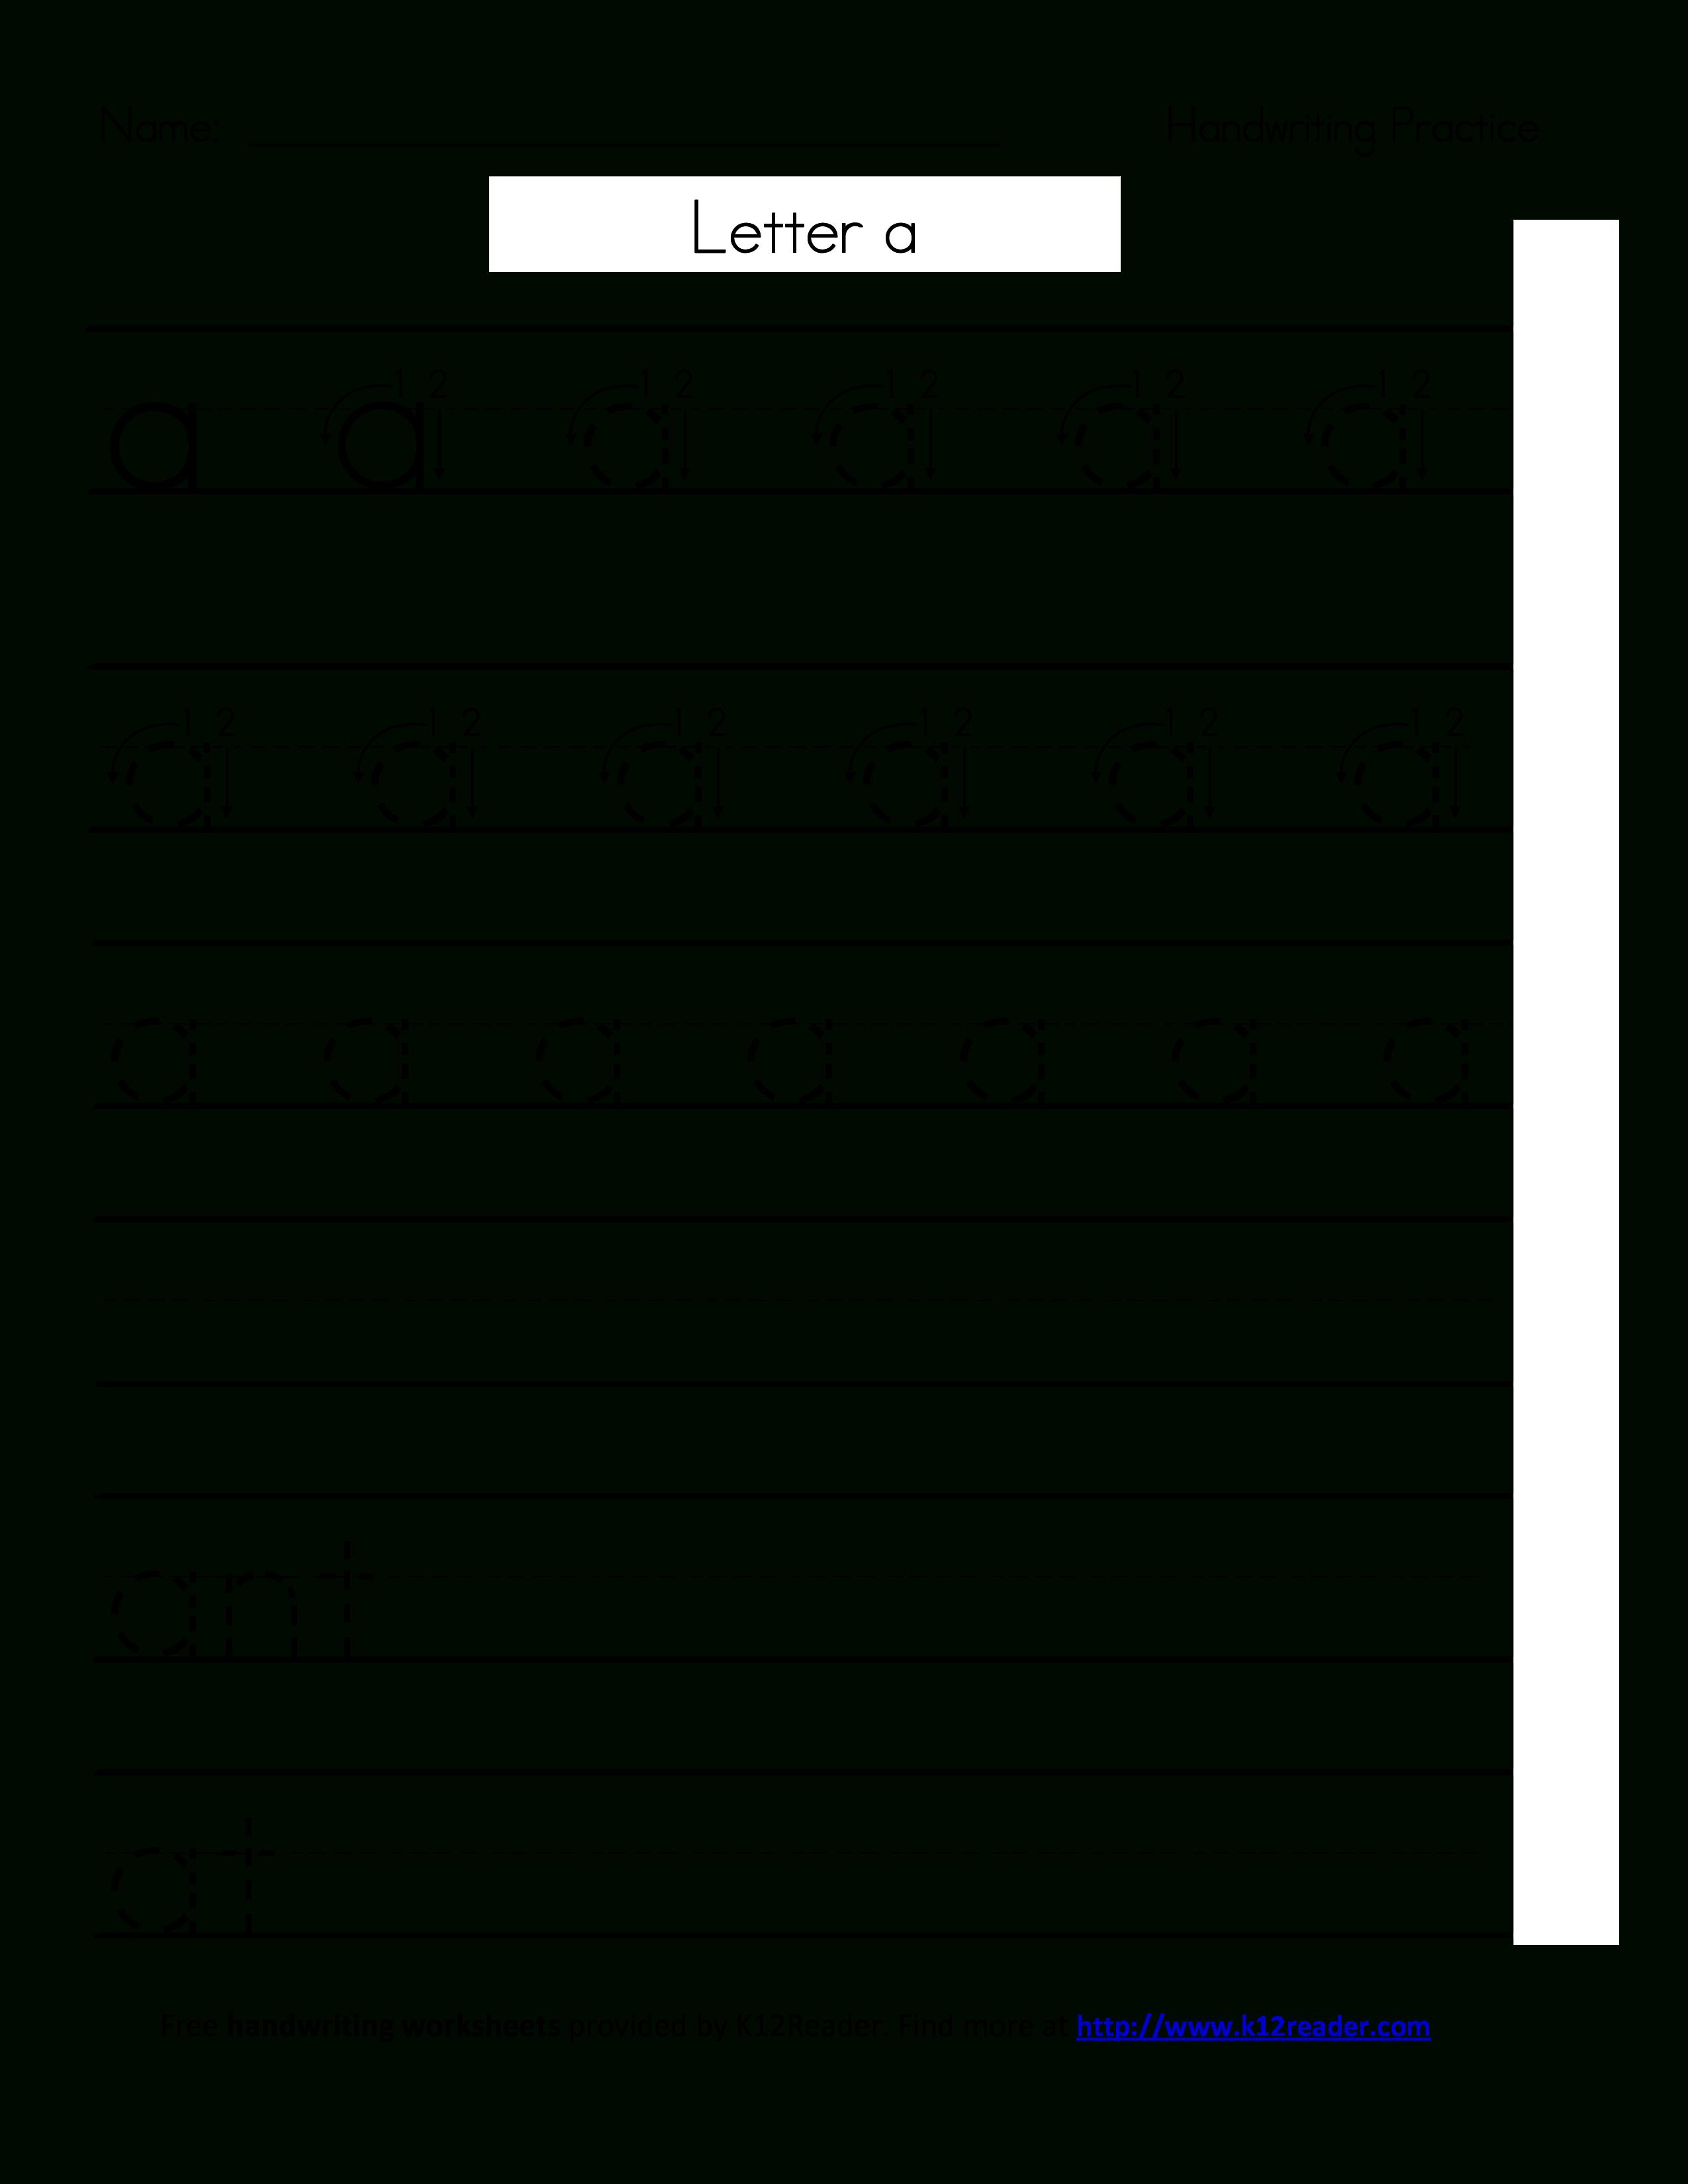 Free Printable Handwriting Worksheets   Templates At - Free Printable Blank Handwriting Worksheets